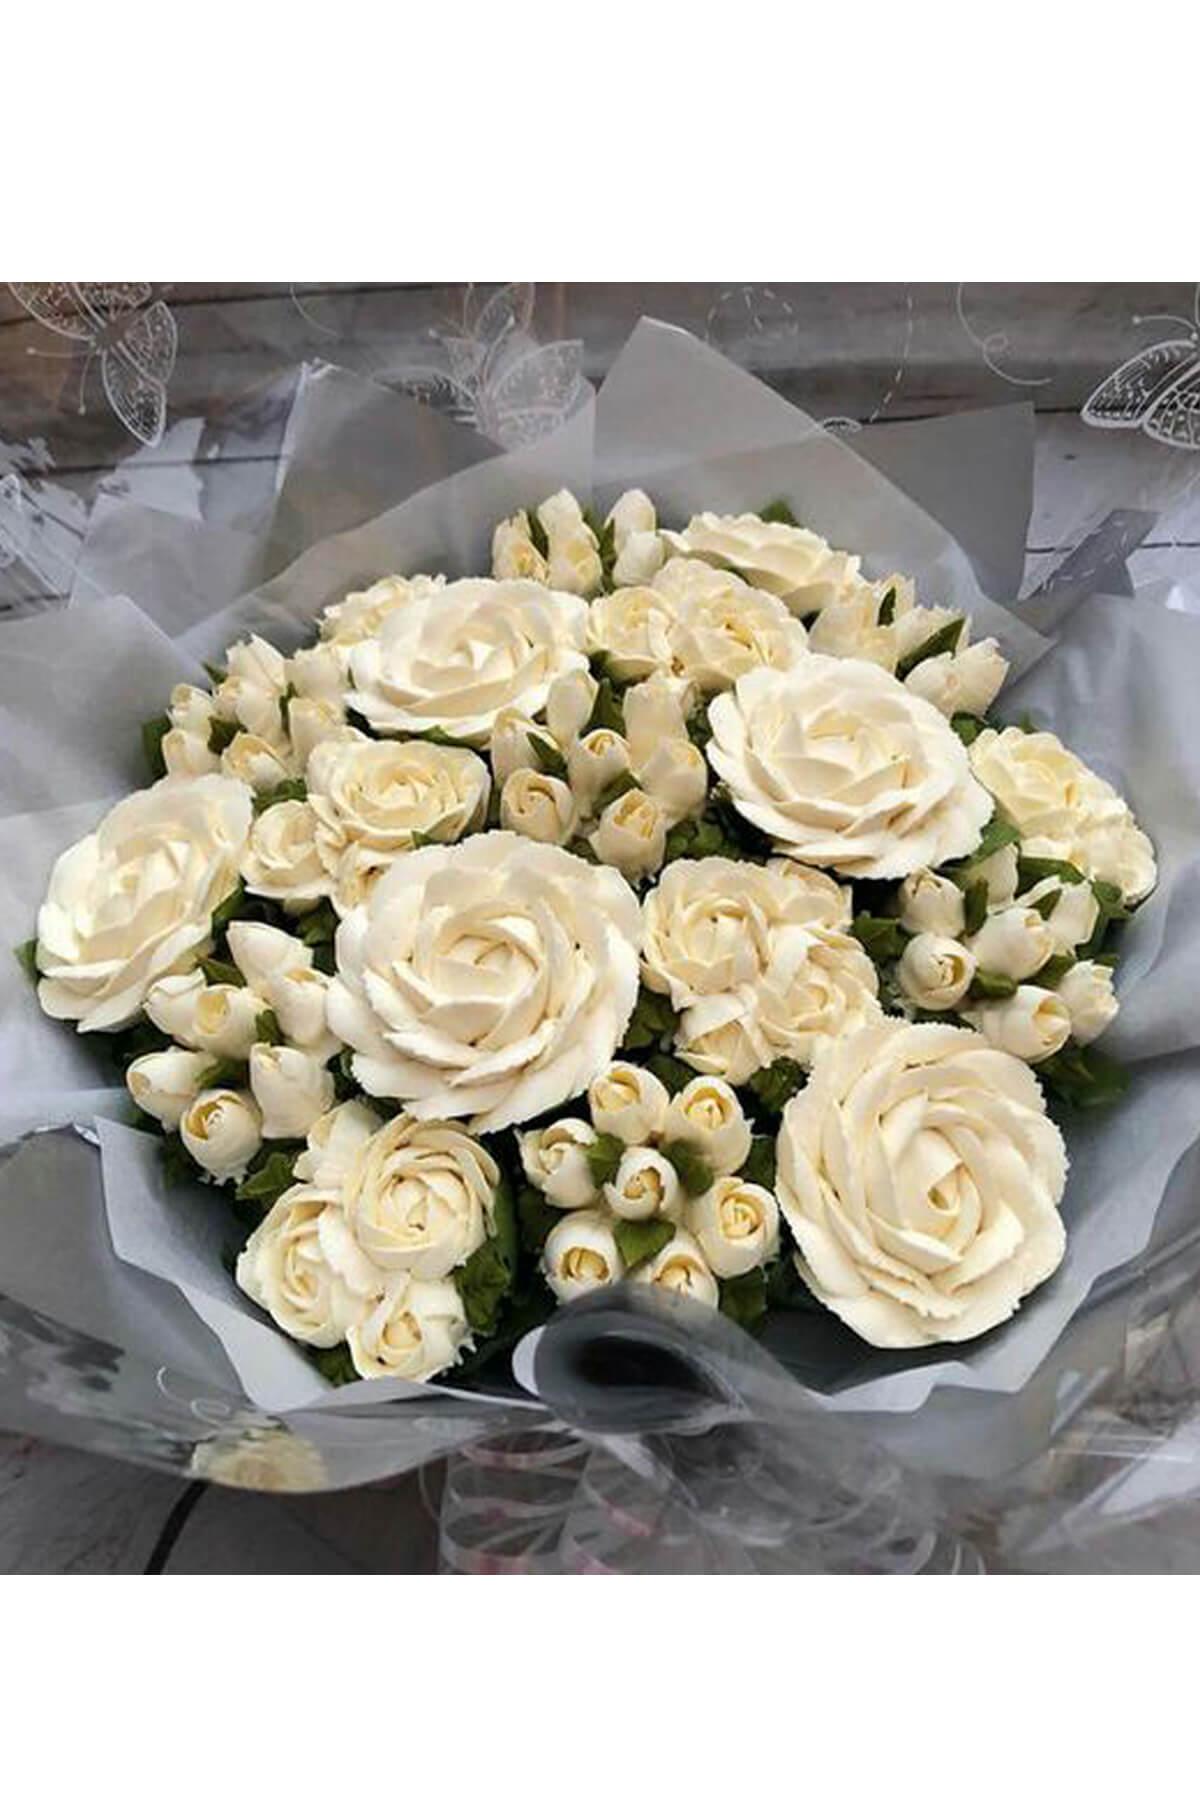 Bó hoa hồng cupcake xoắn kem xen lẫn hoa tươi xinh đẹp và mới lạ